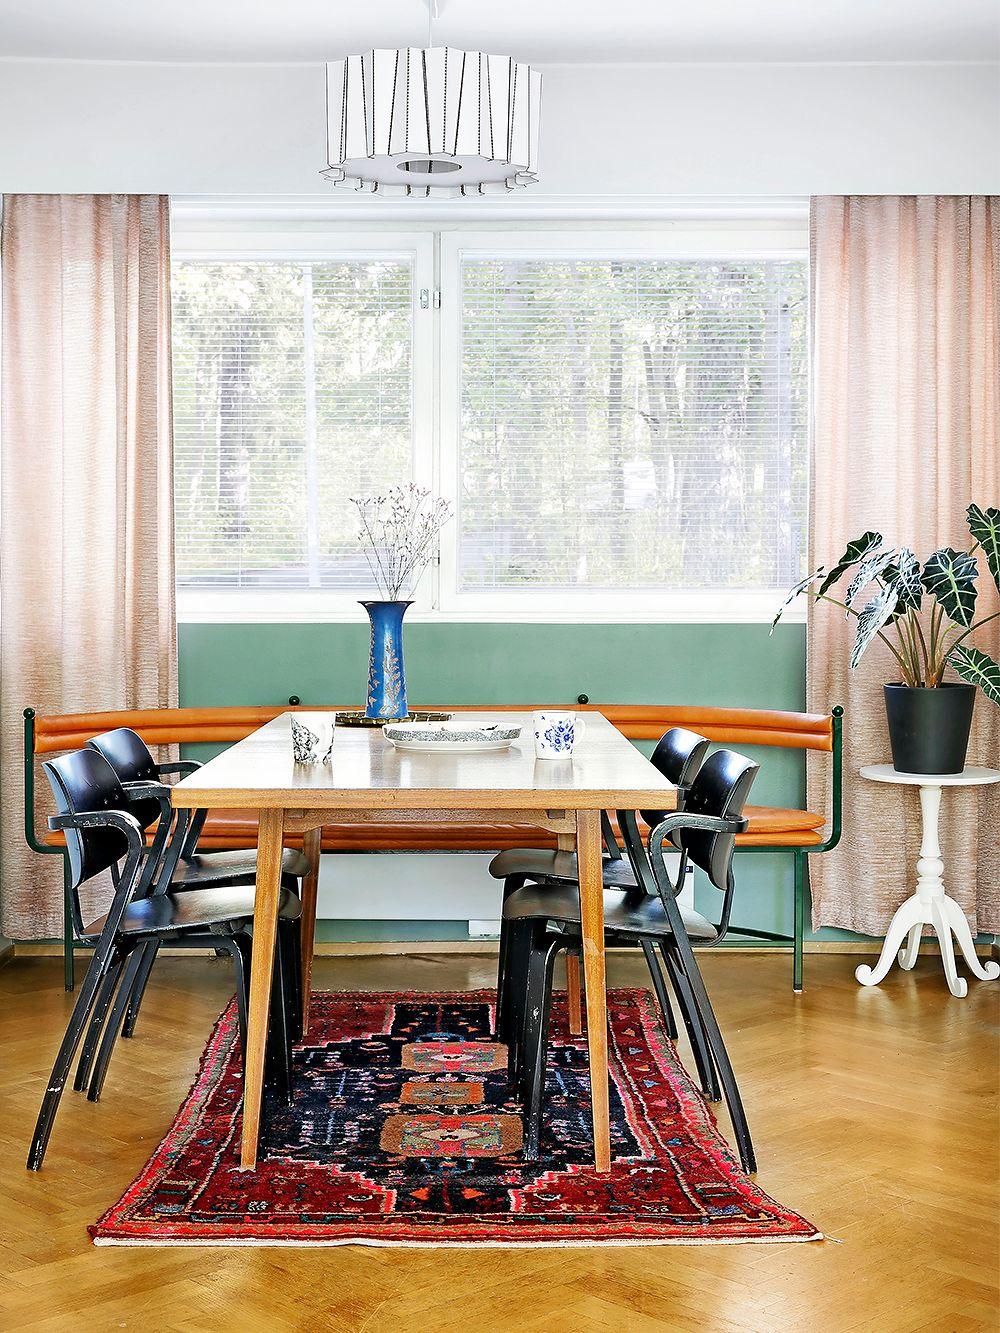 Vintage Aslak chairs by Ilmari Tapiovaara